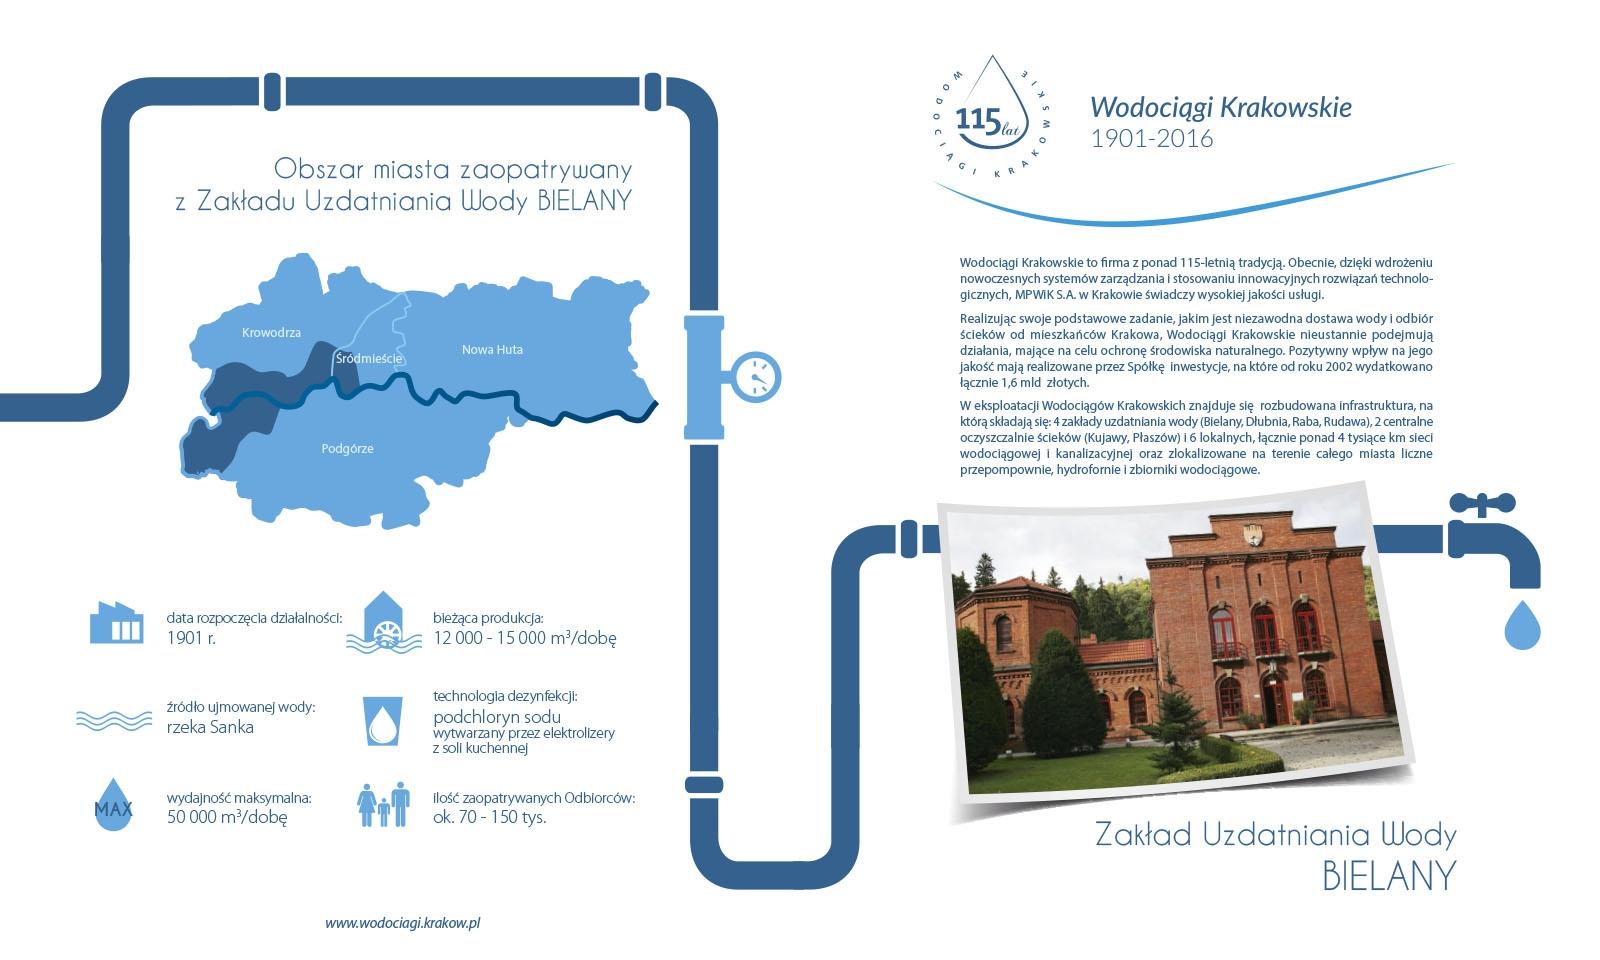 Tytuł: Schemat technologiczno-organizacyjny ZUW Bielany - poszczególne strony dostępne tylko po kliknieciu na link